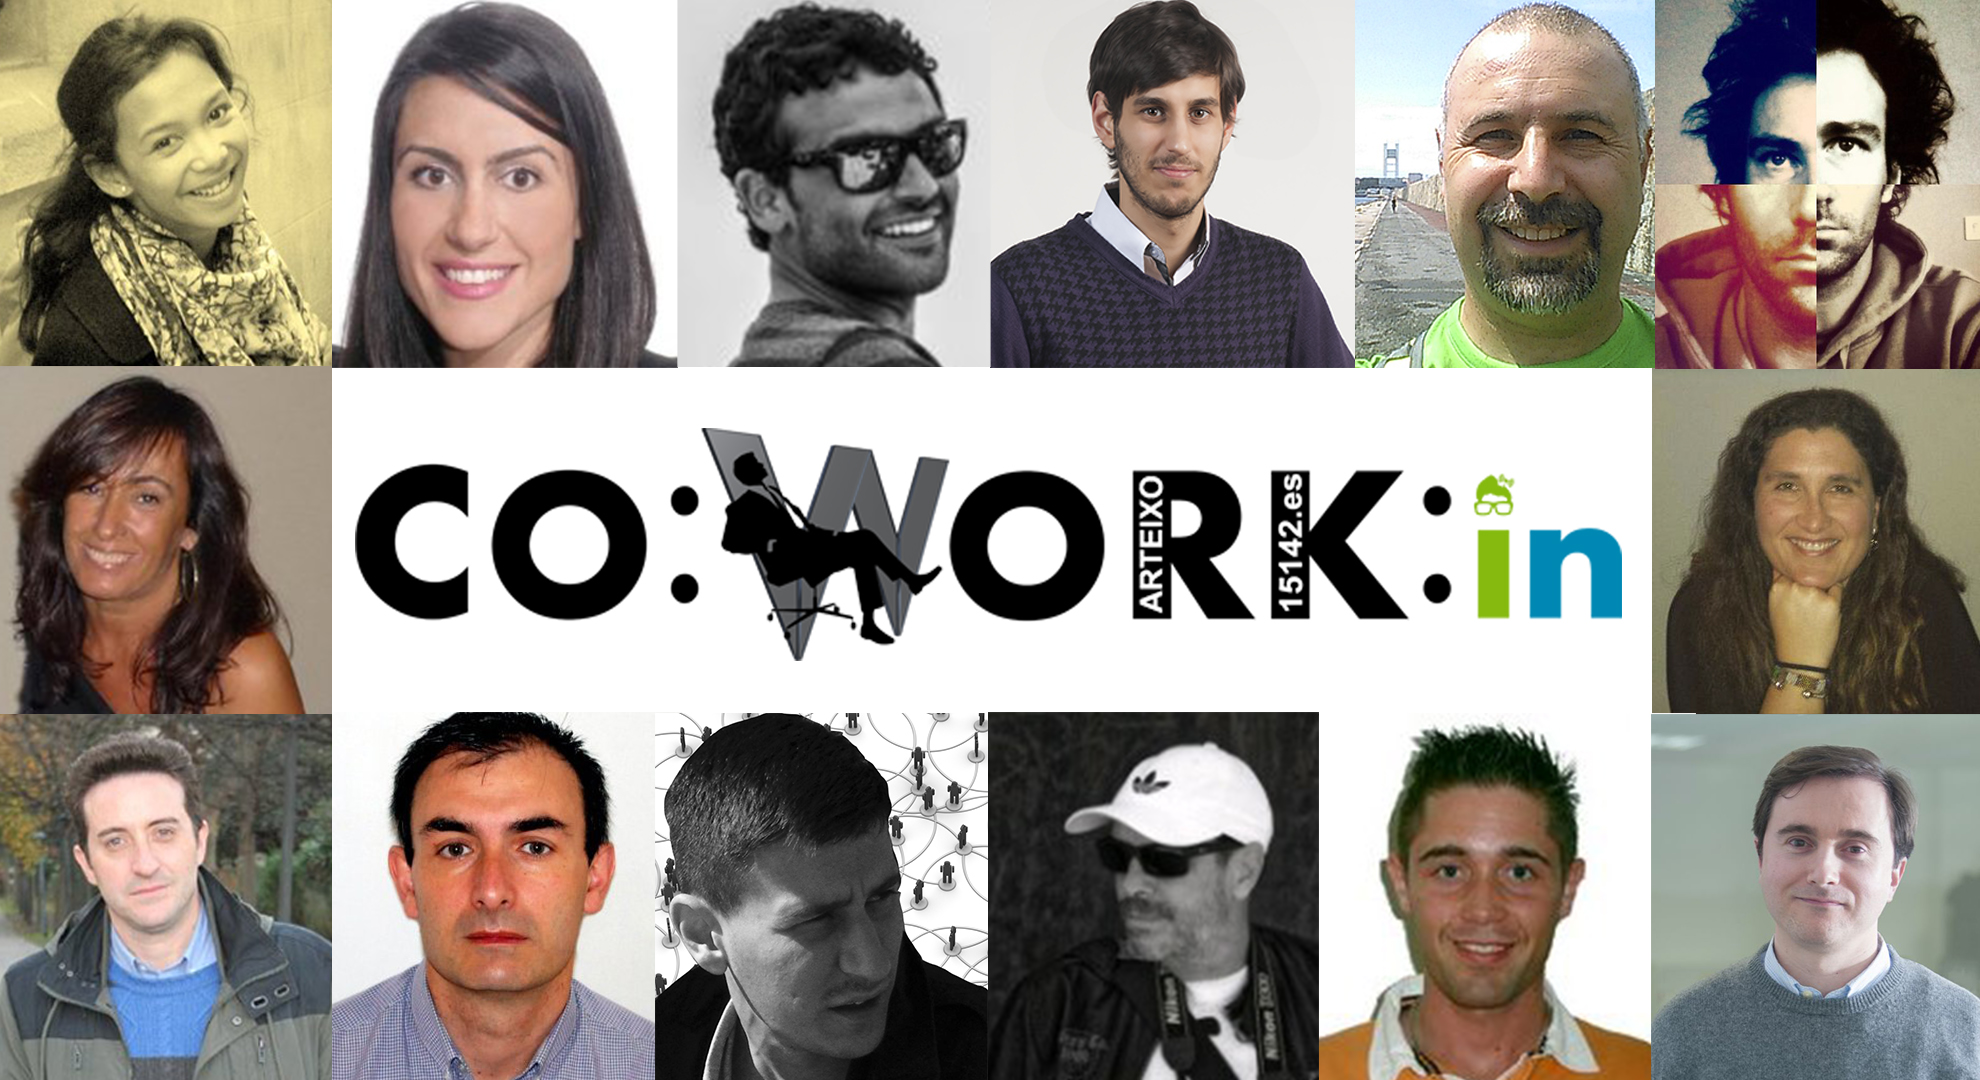 equipo. coworking, arteixo, colaboracion, 15142